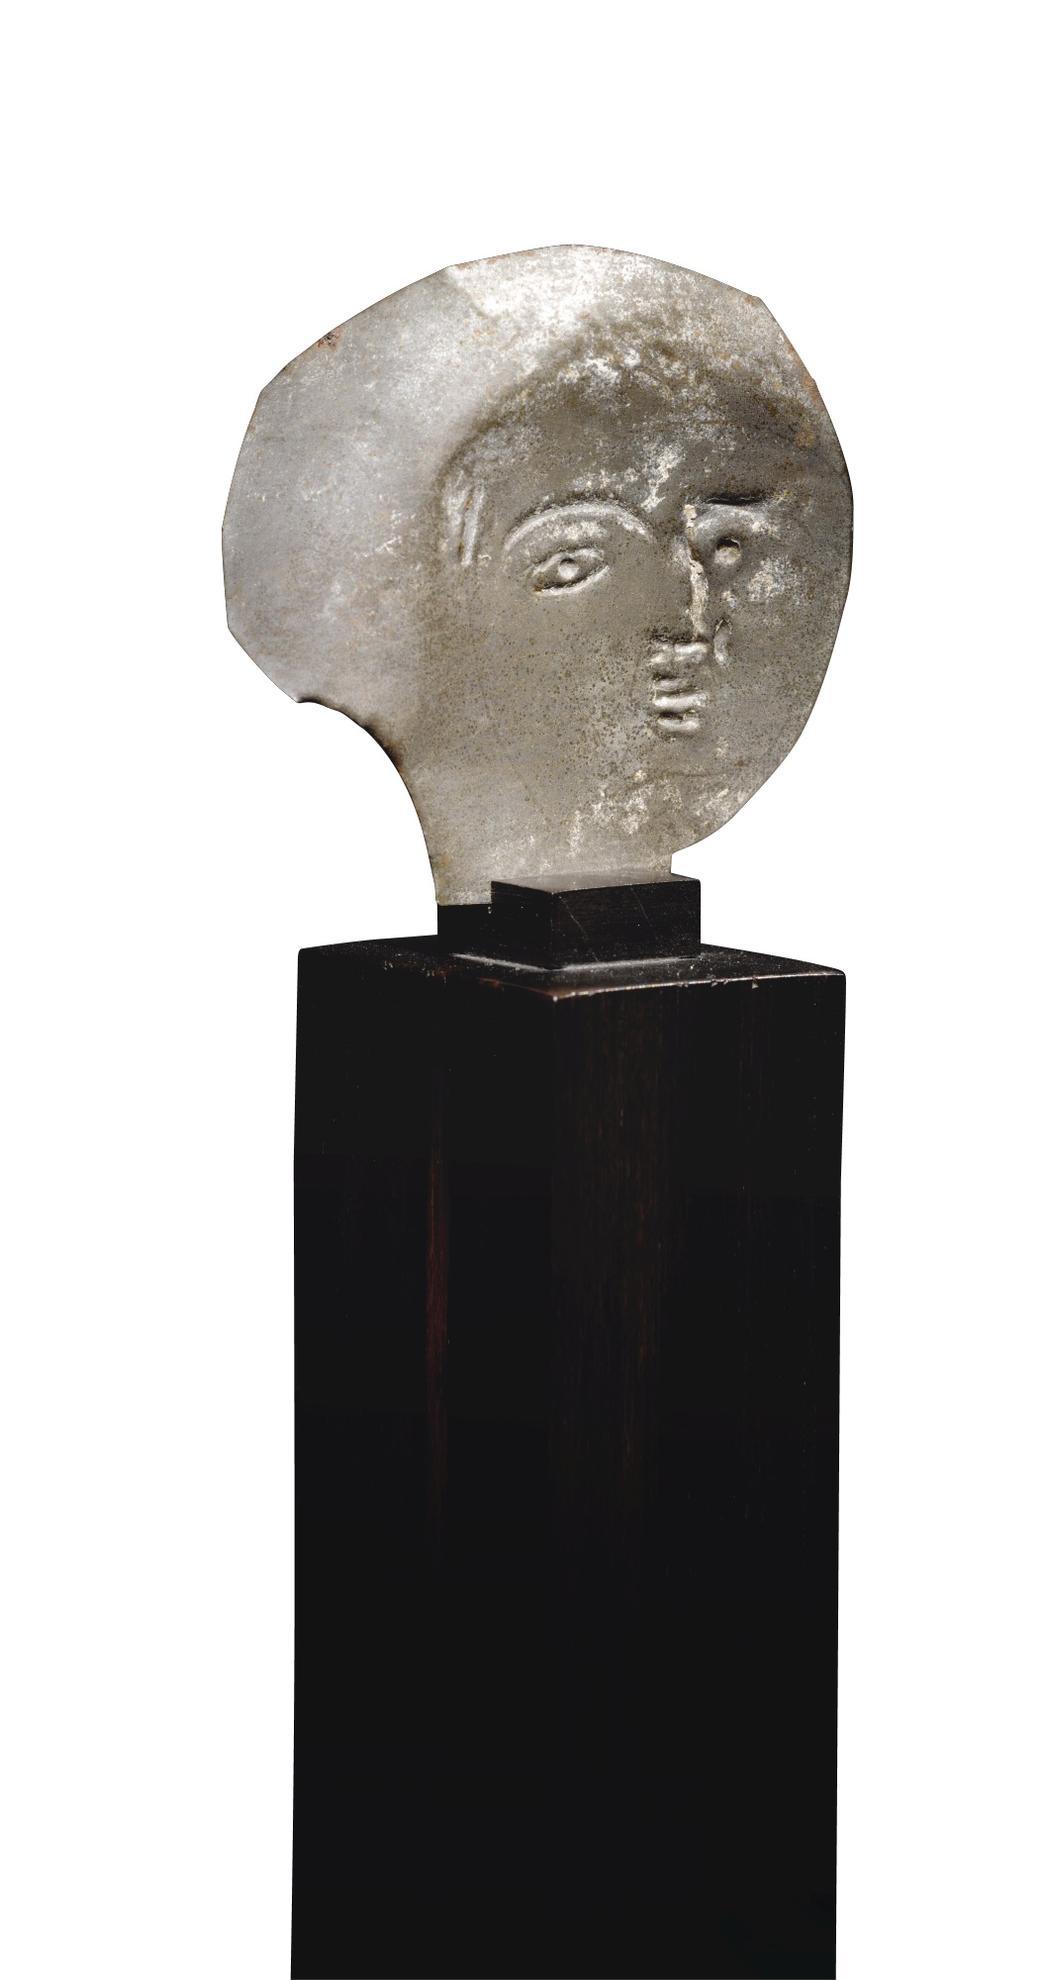 Pablo Picasso-Tete De Femme-1952